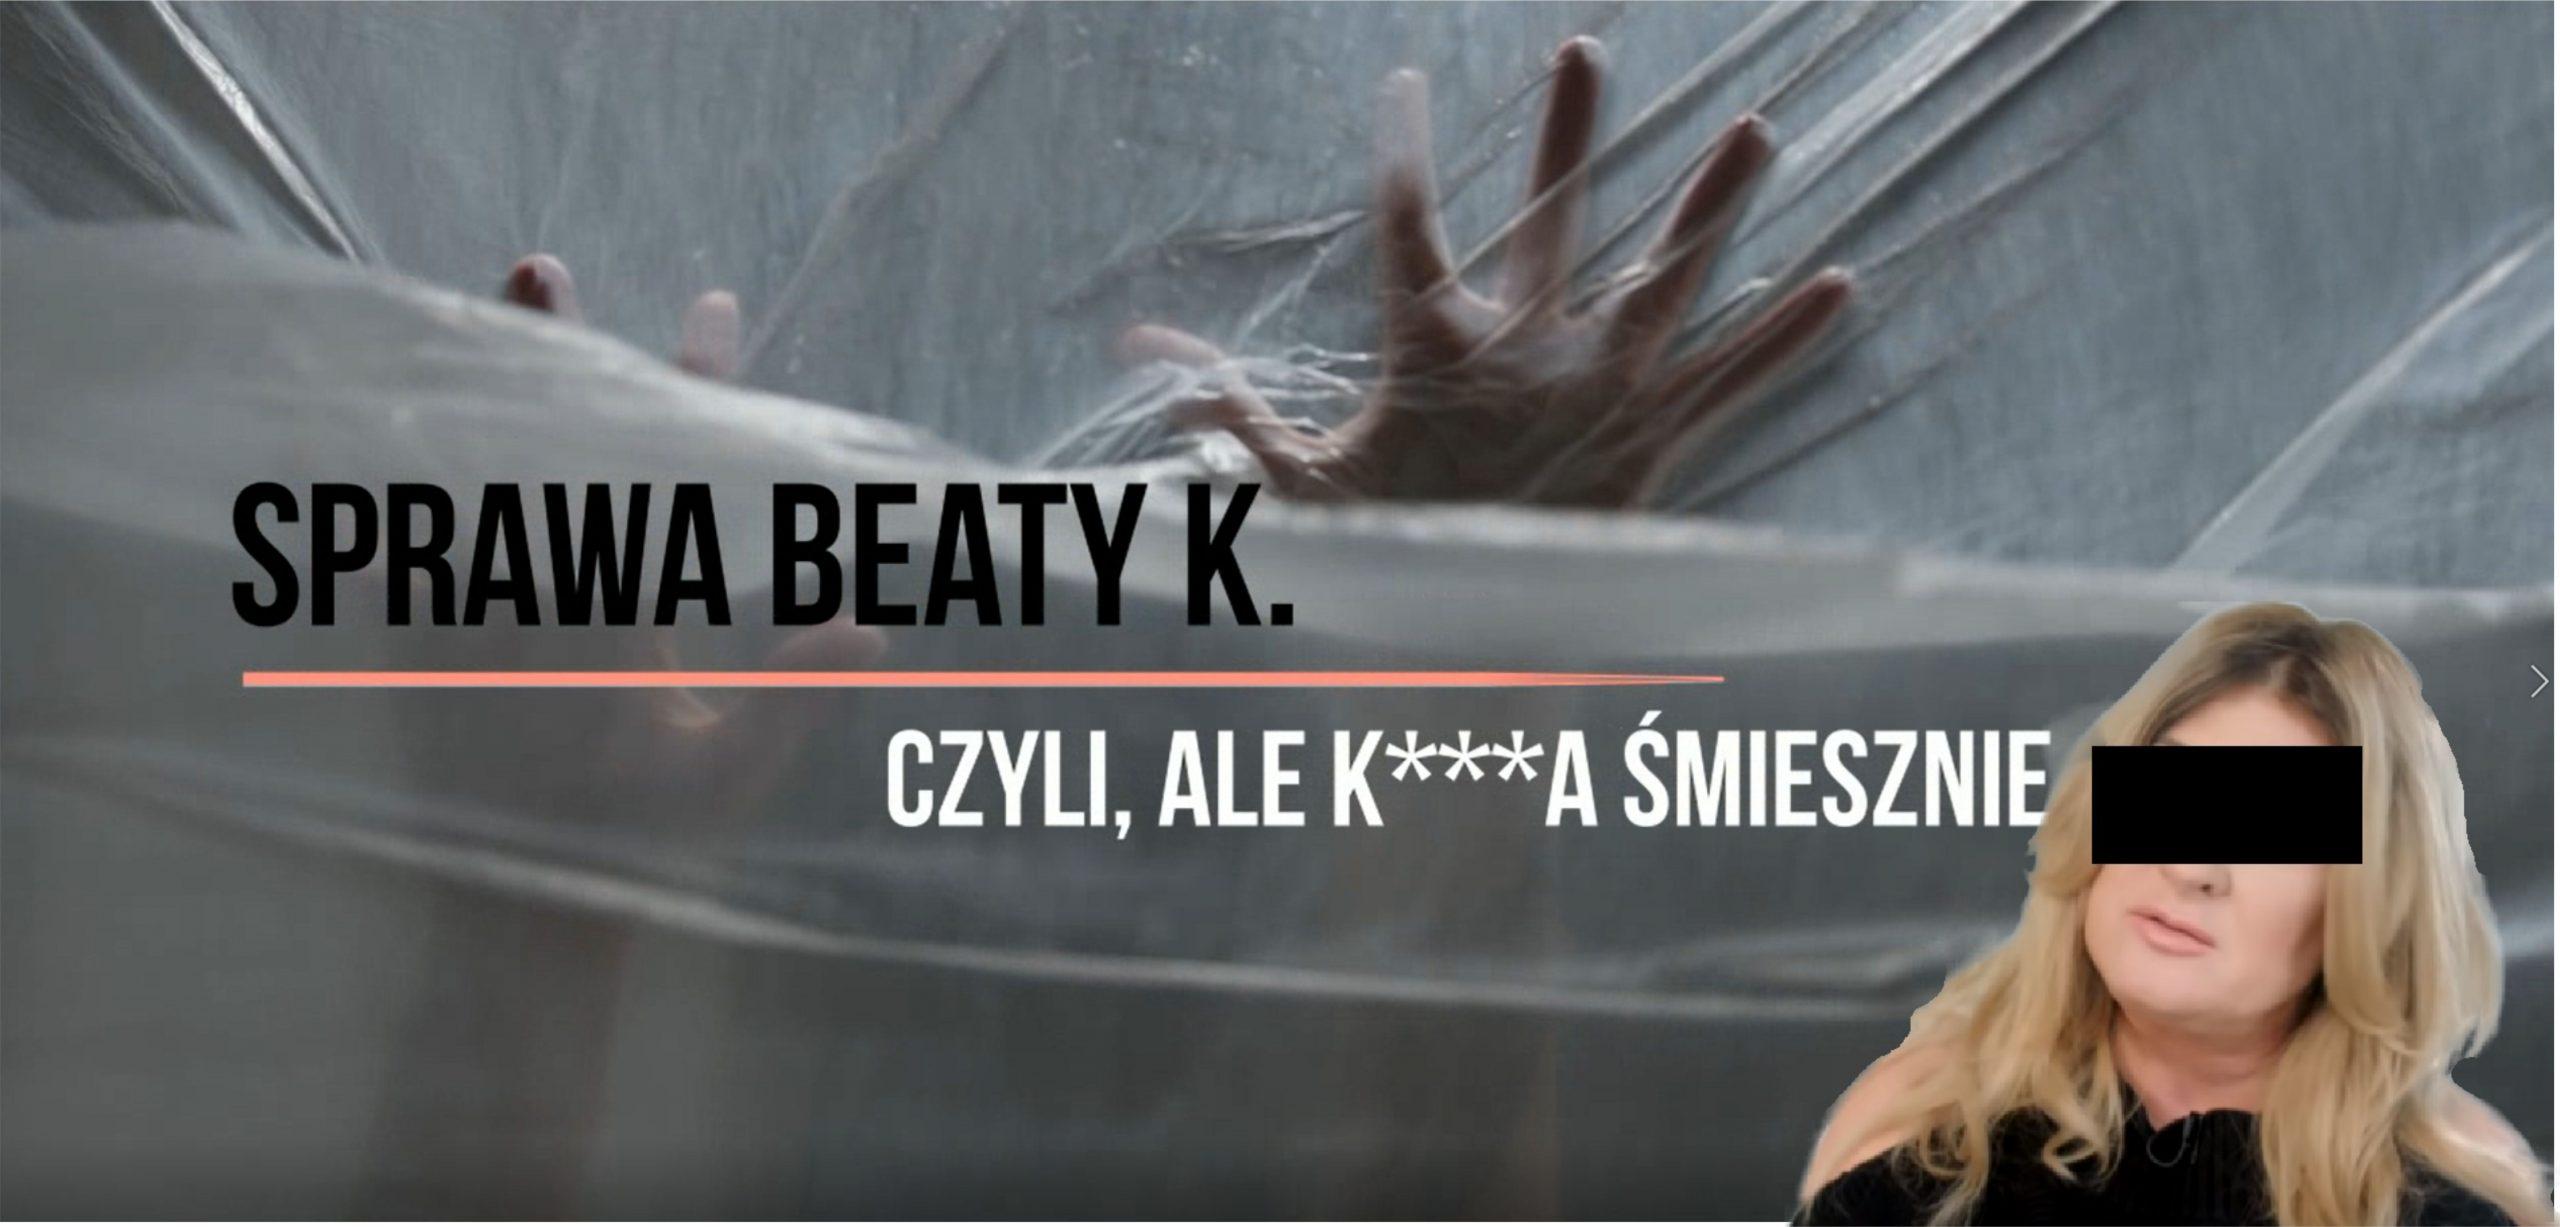 Beata K. pijana została zatrzymana przez policję podczas jazdy samochodem. W wydychanym powietrzu miała 2 promile alkoholu. Niestety zaczął się lincz i hejt.